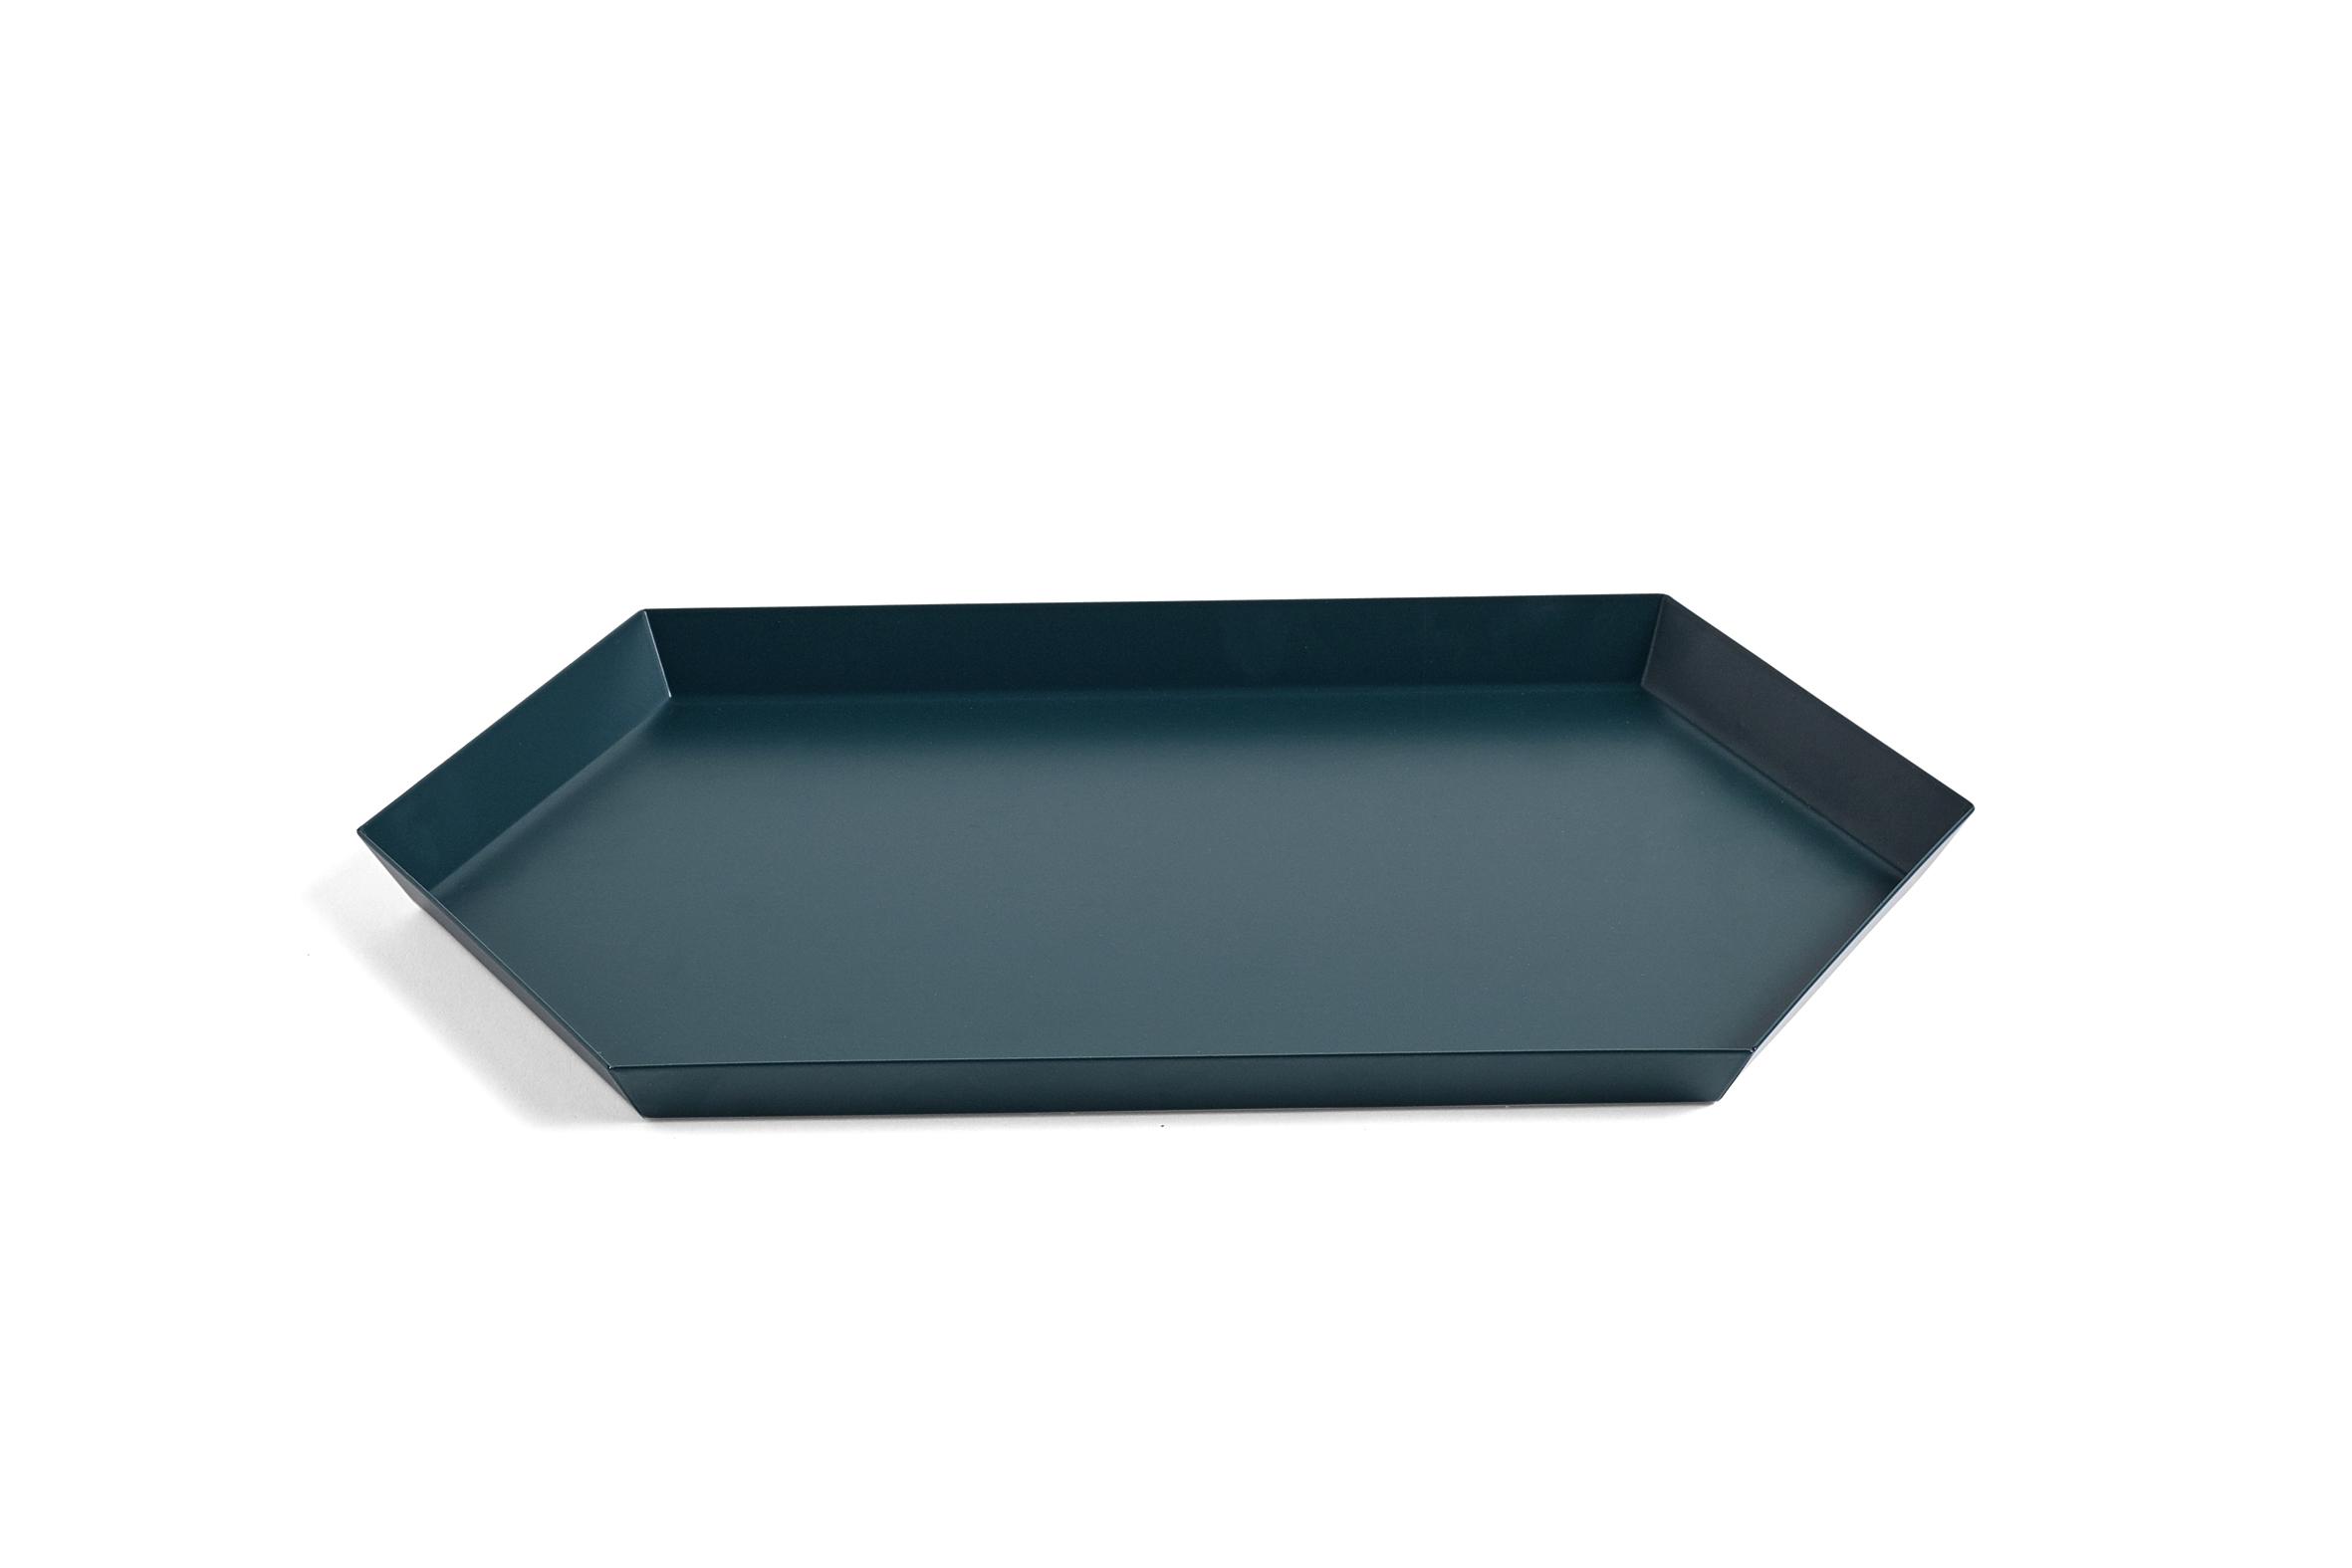 Hay - Kaleido Tray Medium - Dark Green (503943)